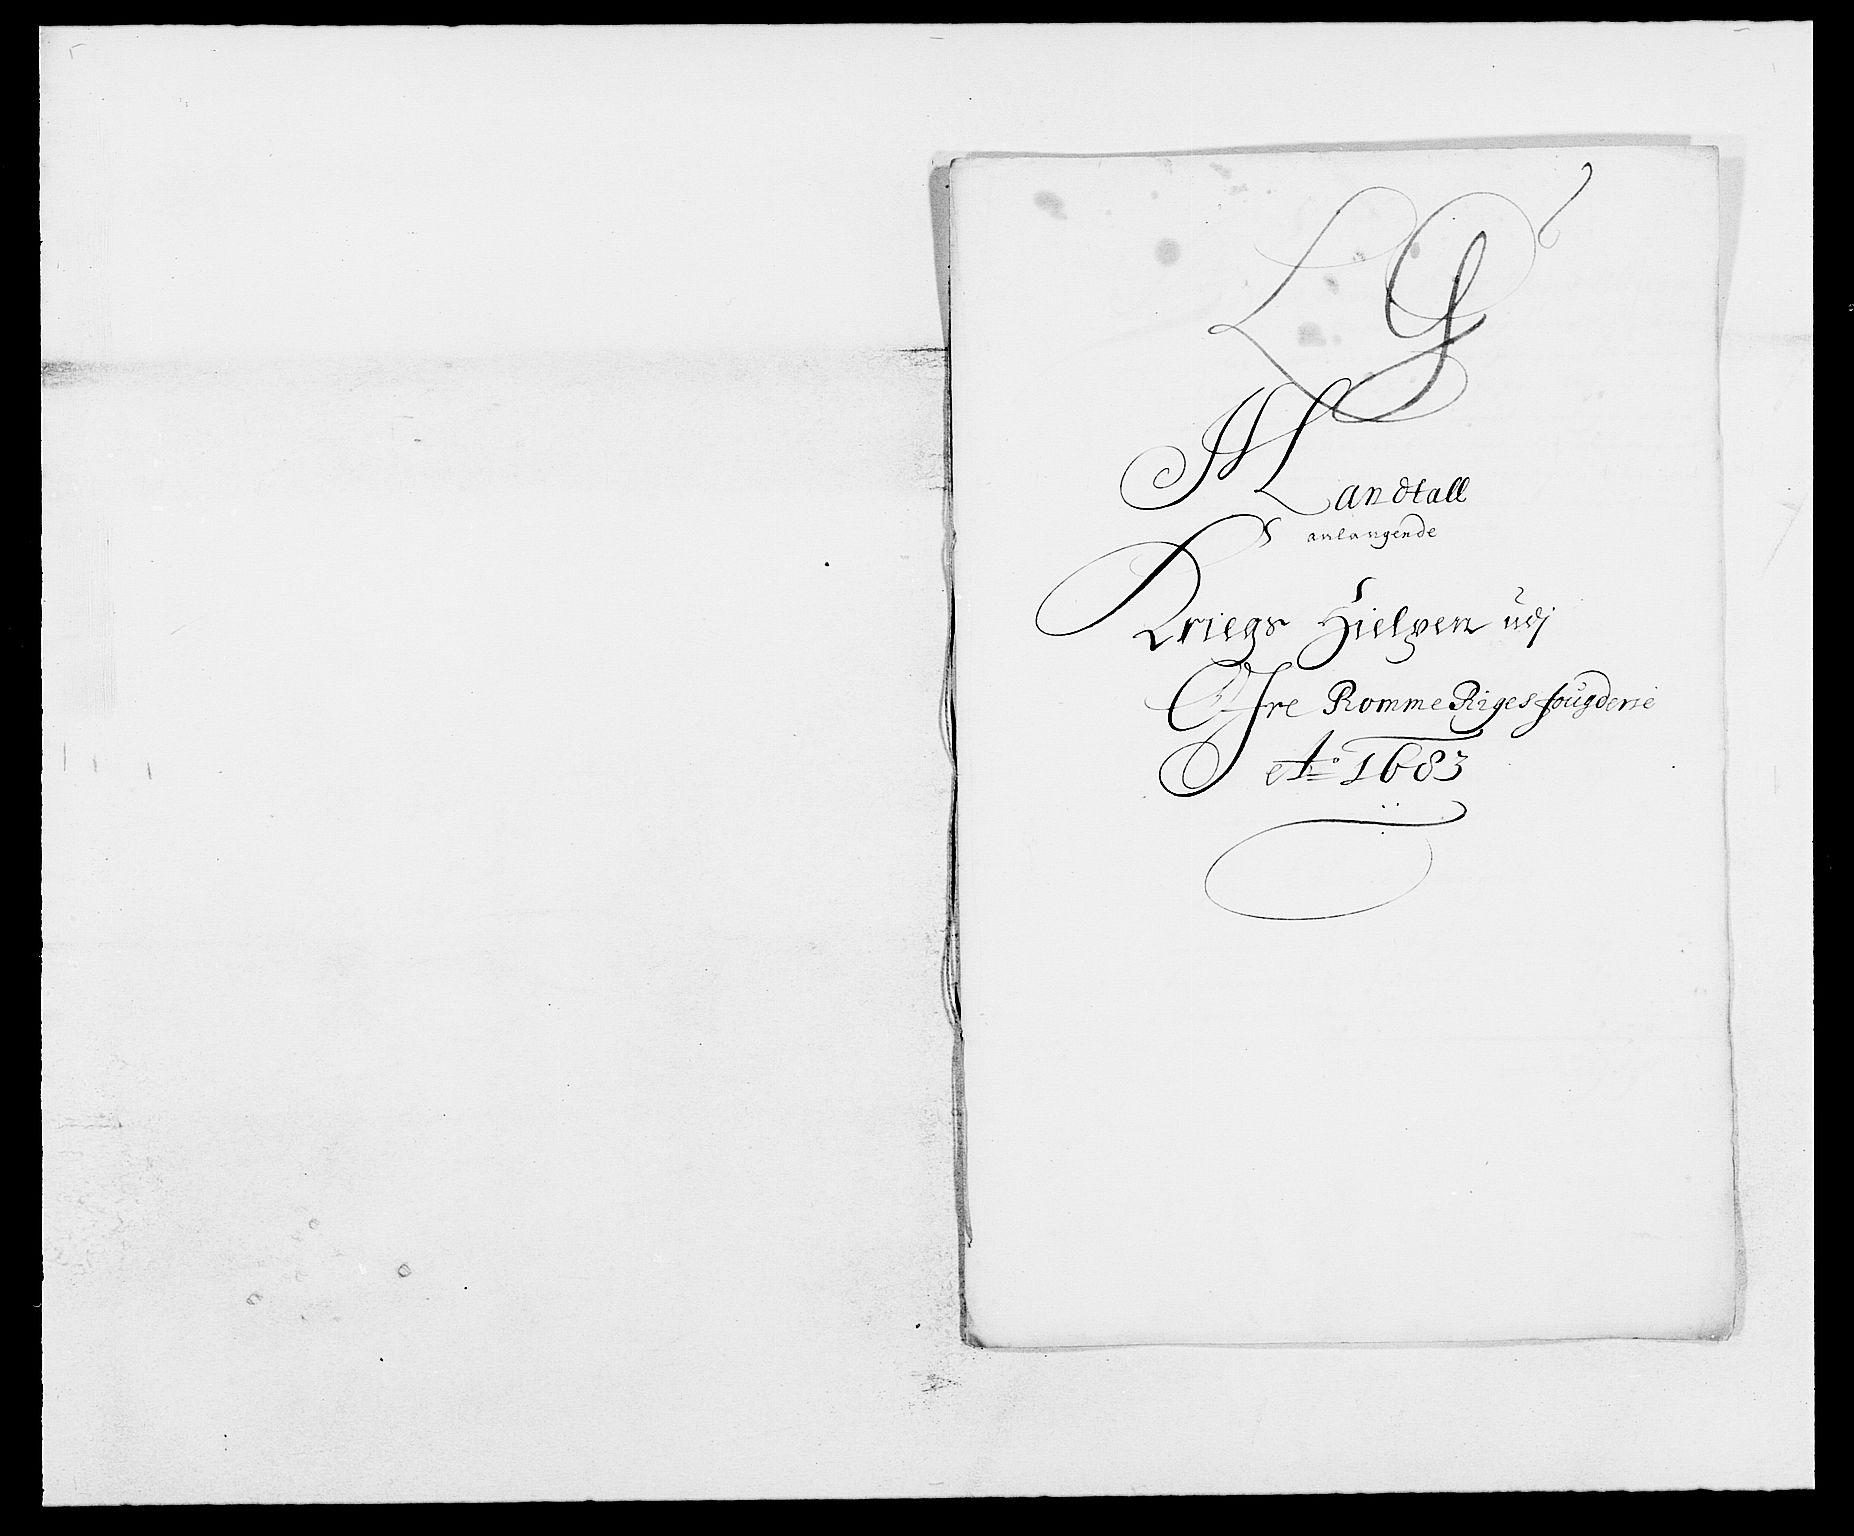 RA, Rentekammeret inntil 1814, Reviderte regnskaper, Fogderegnskap, R12/L0697: Fogderegnskap Øvre Romerike, 1682-1683, s. 348